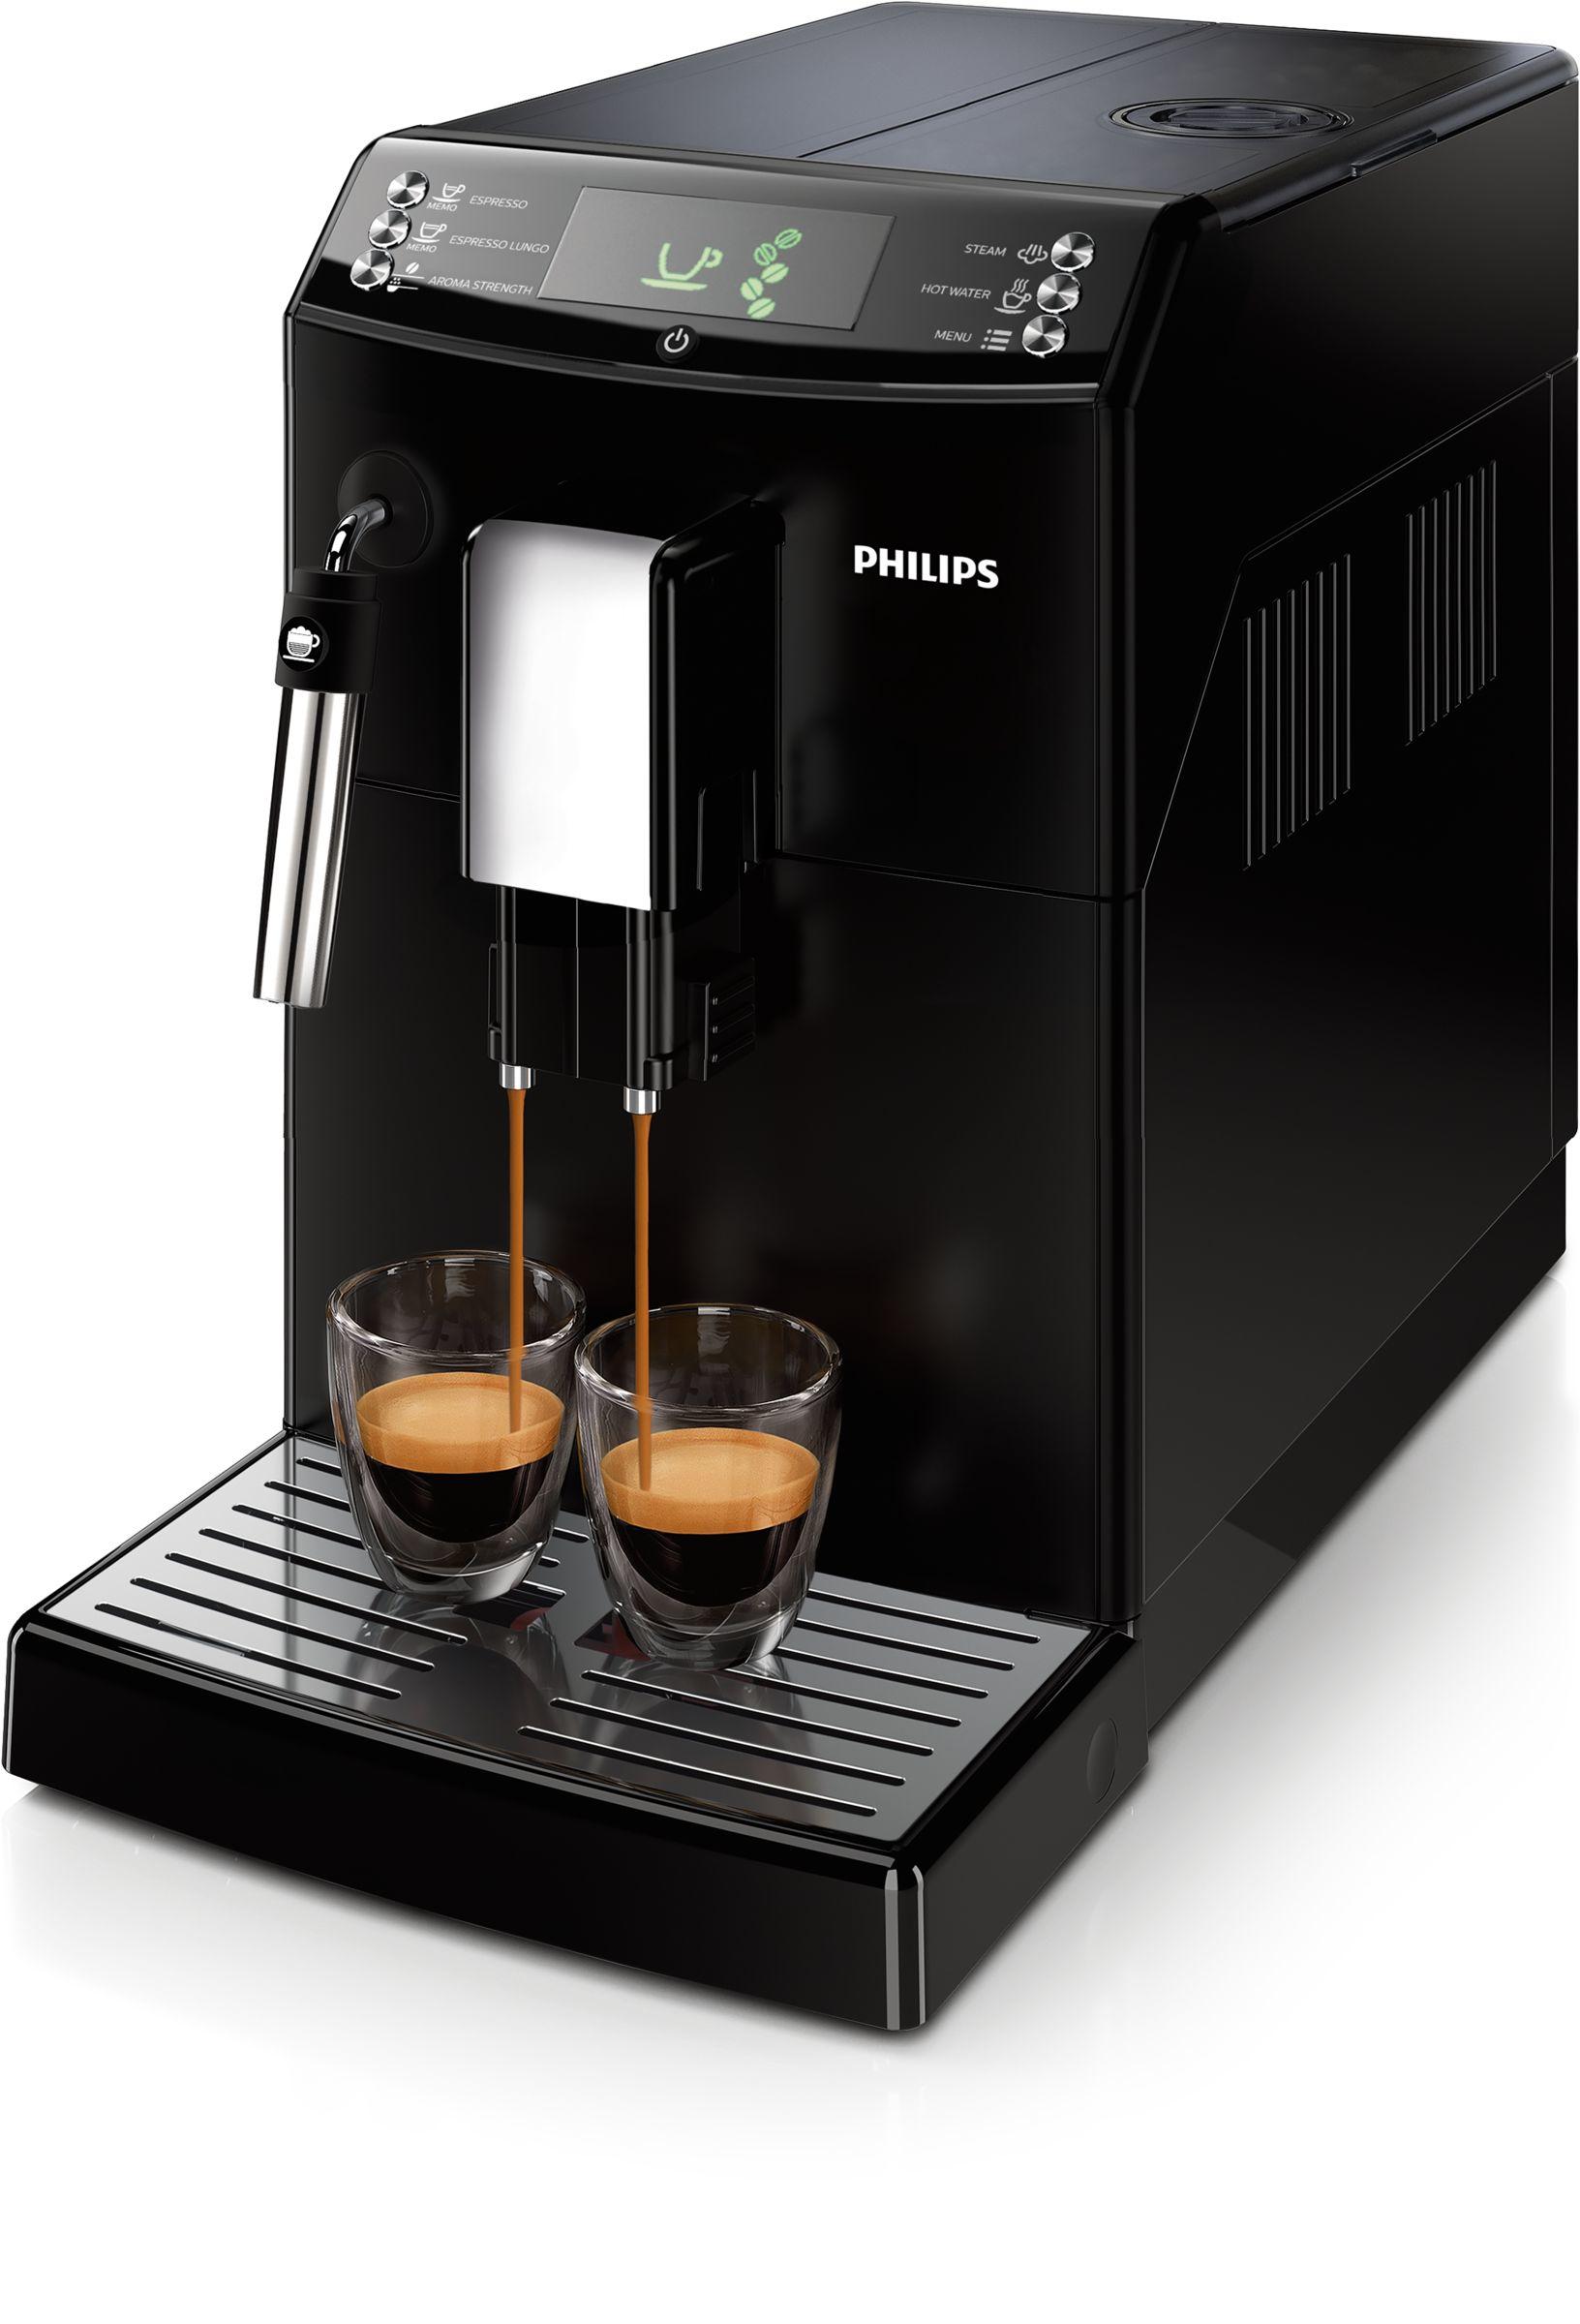 Philips 3100 series Super-automatic espresso machine